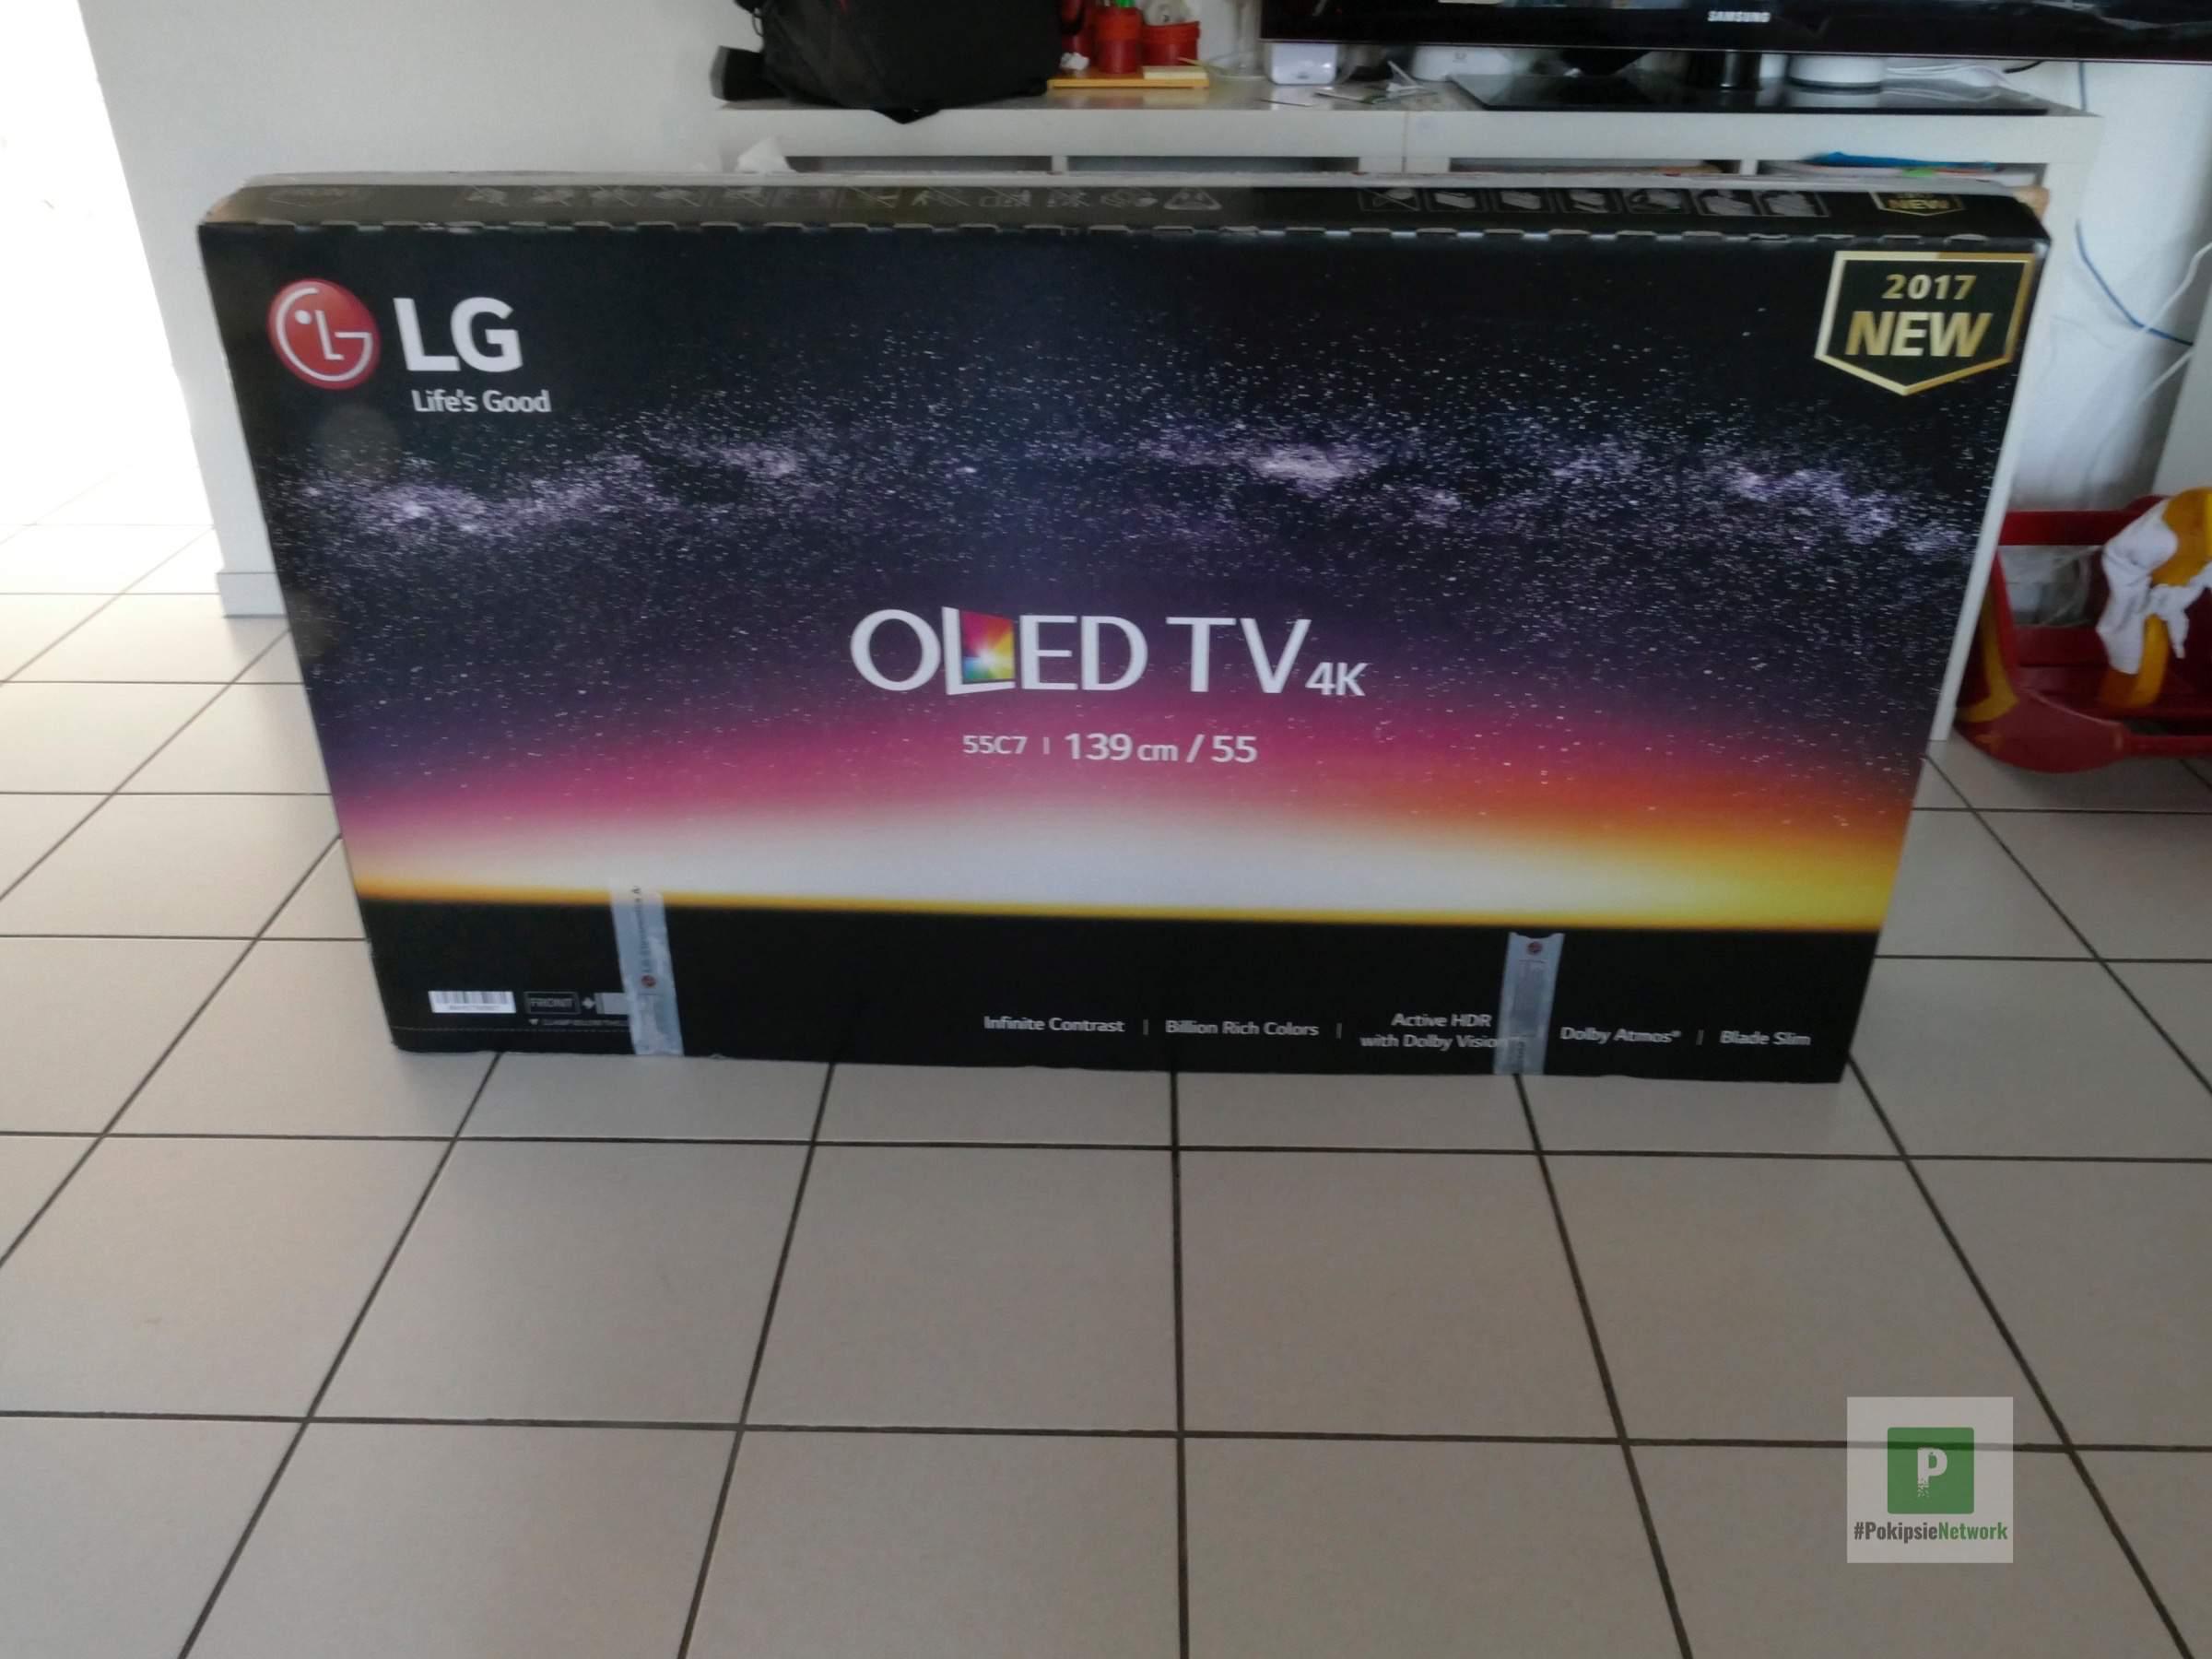 Die grosse Verpackung vom Fernseher